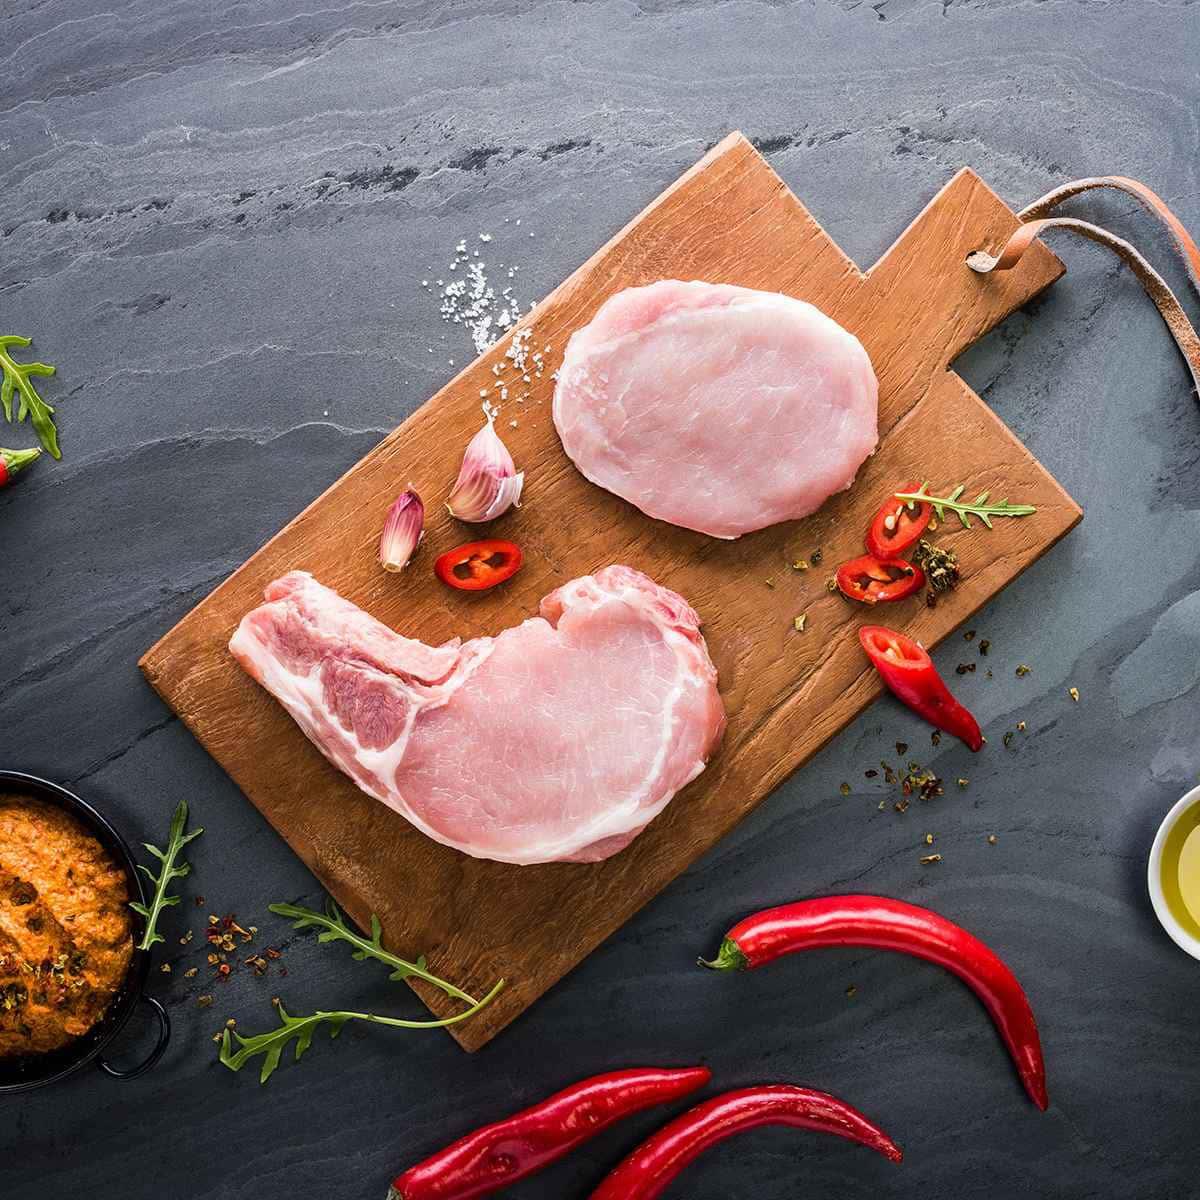 photographe culinaire viande mincerette cote